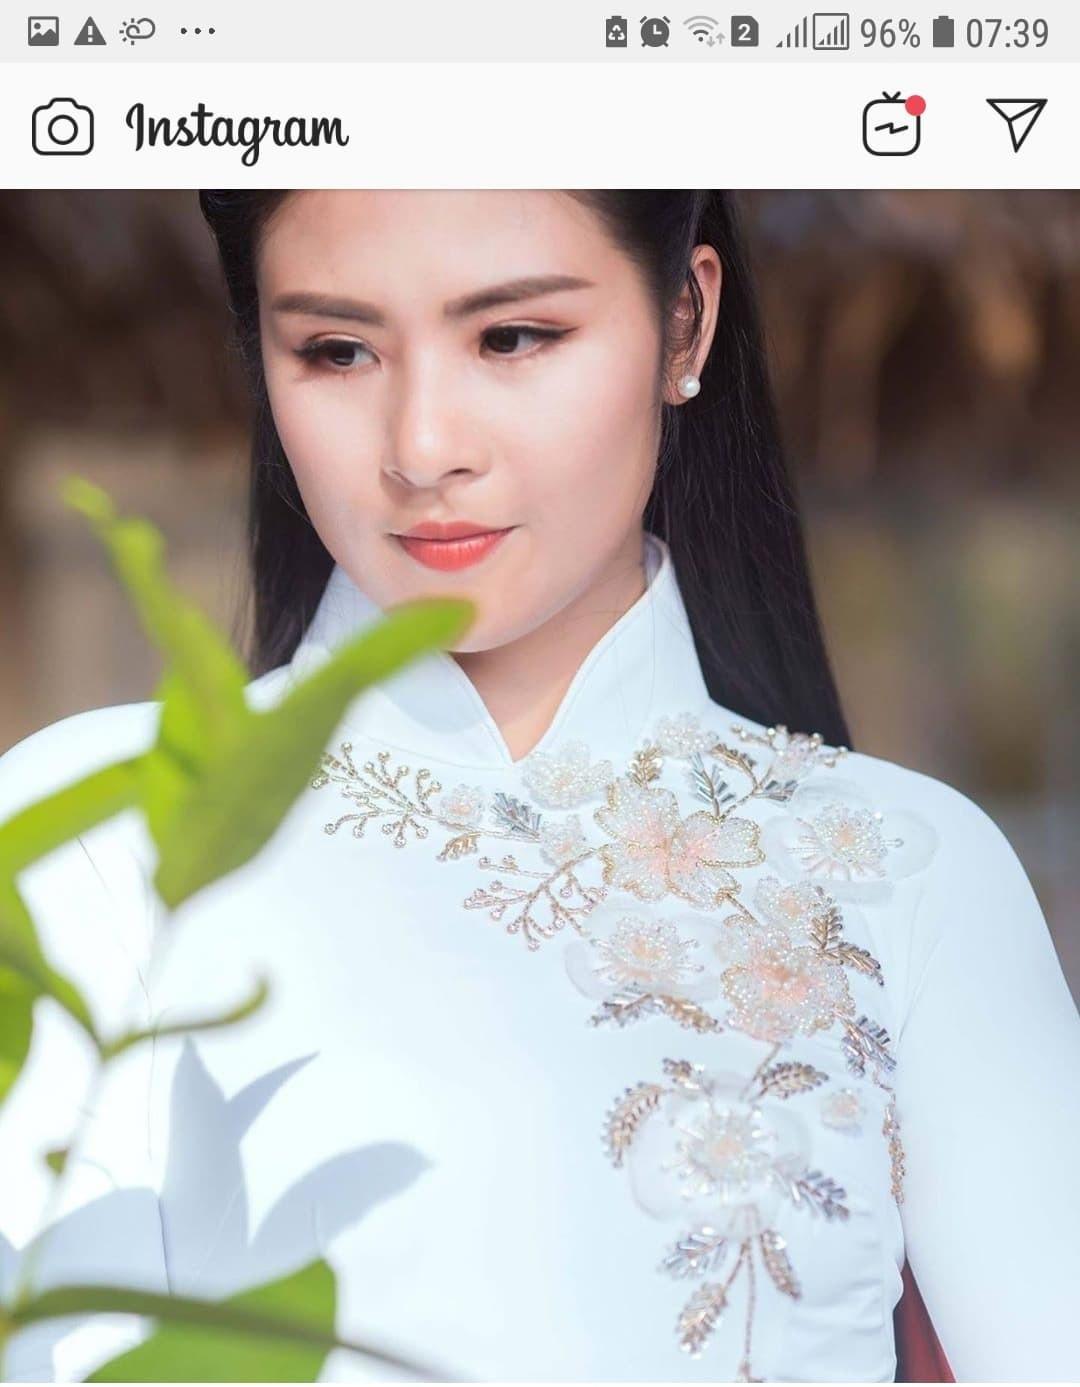 Giữa tin đồn cưới hỏi, Hoa hậu Ngọc Hân lại gây hoang mang với chia sẻ lạ: Hôn nhân có thể trễ nhưng không có quyền sai-1